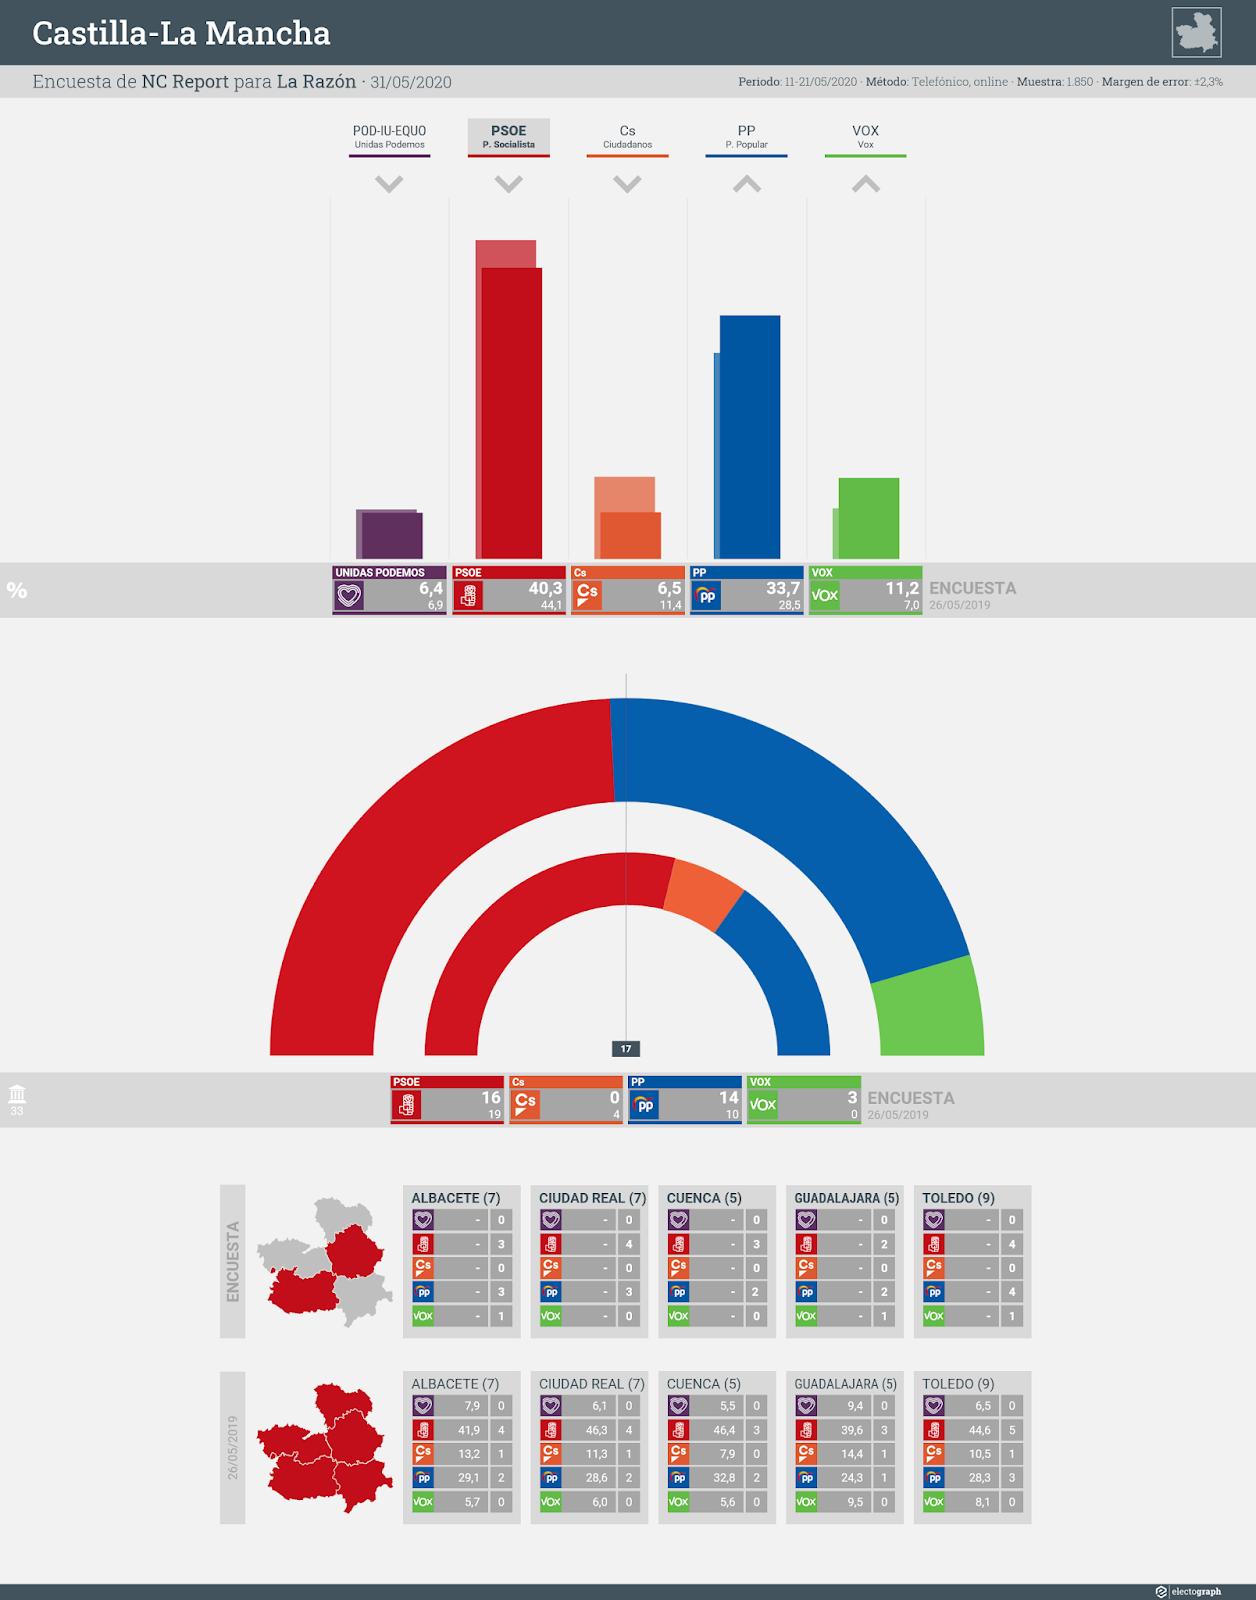 Gráfico de la encuesta para elecciones autonómicas en Castilla-La Mancha realizada por NC Report para La Razón, 31 de mayo de 2020